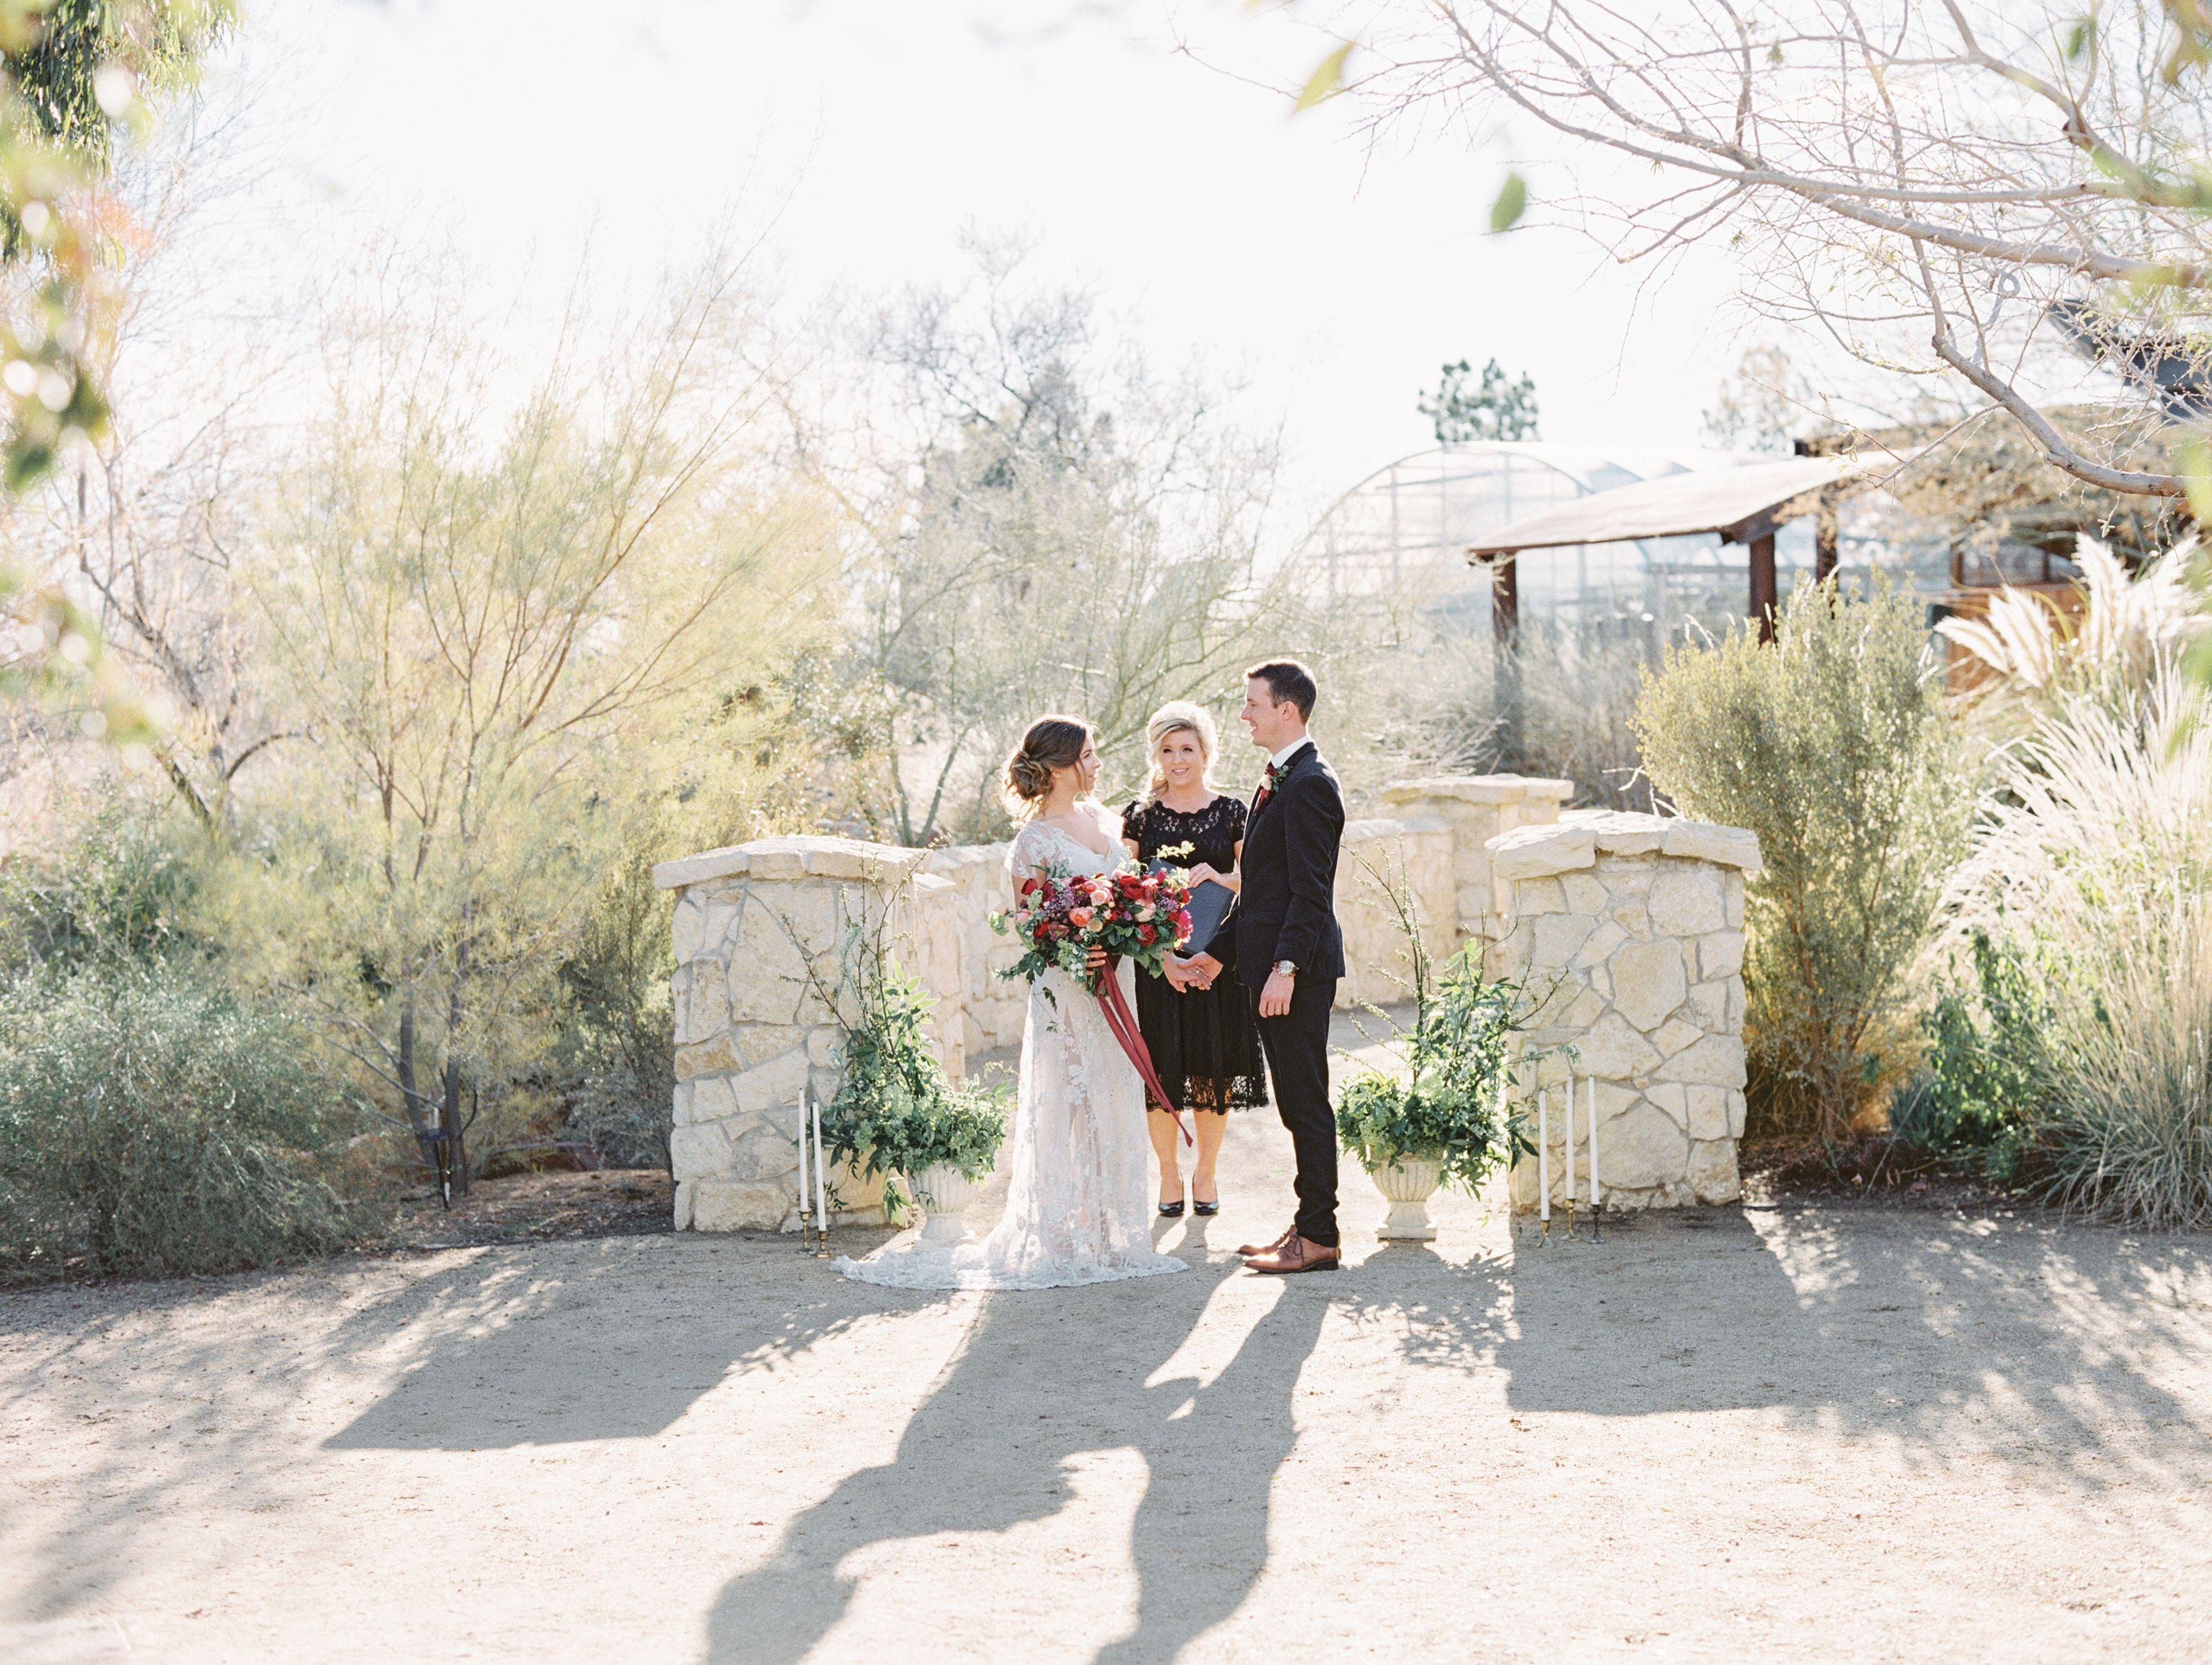 cd7d0163d8ade4b45b508285a2589b0c - The Gardens At The Las Vegas Springs Preserve